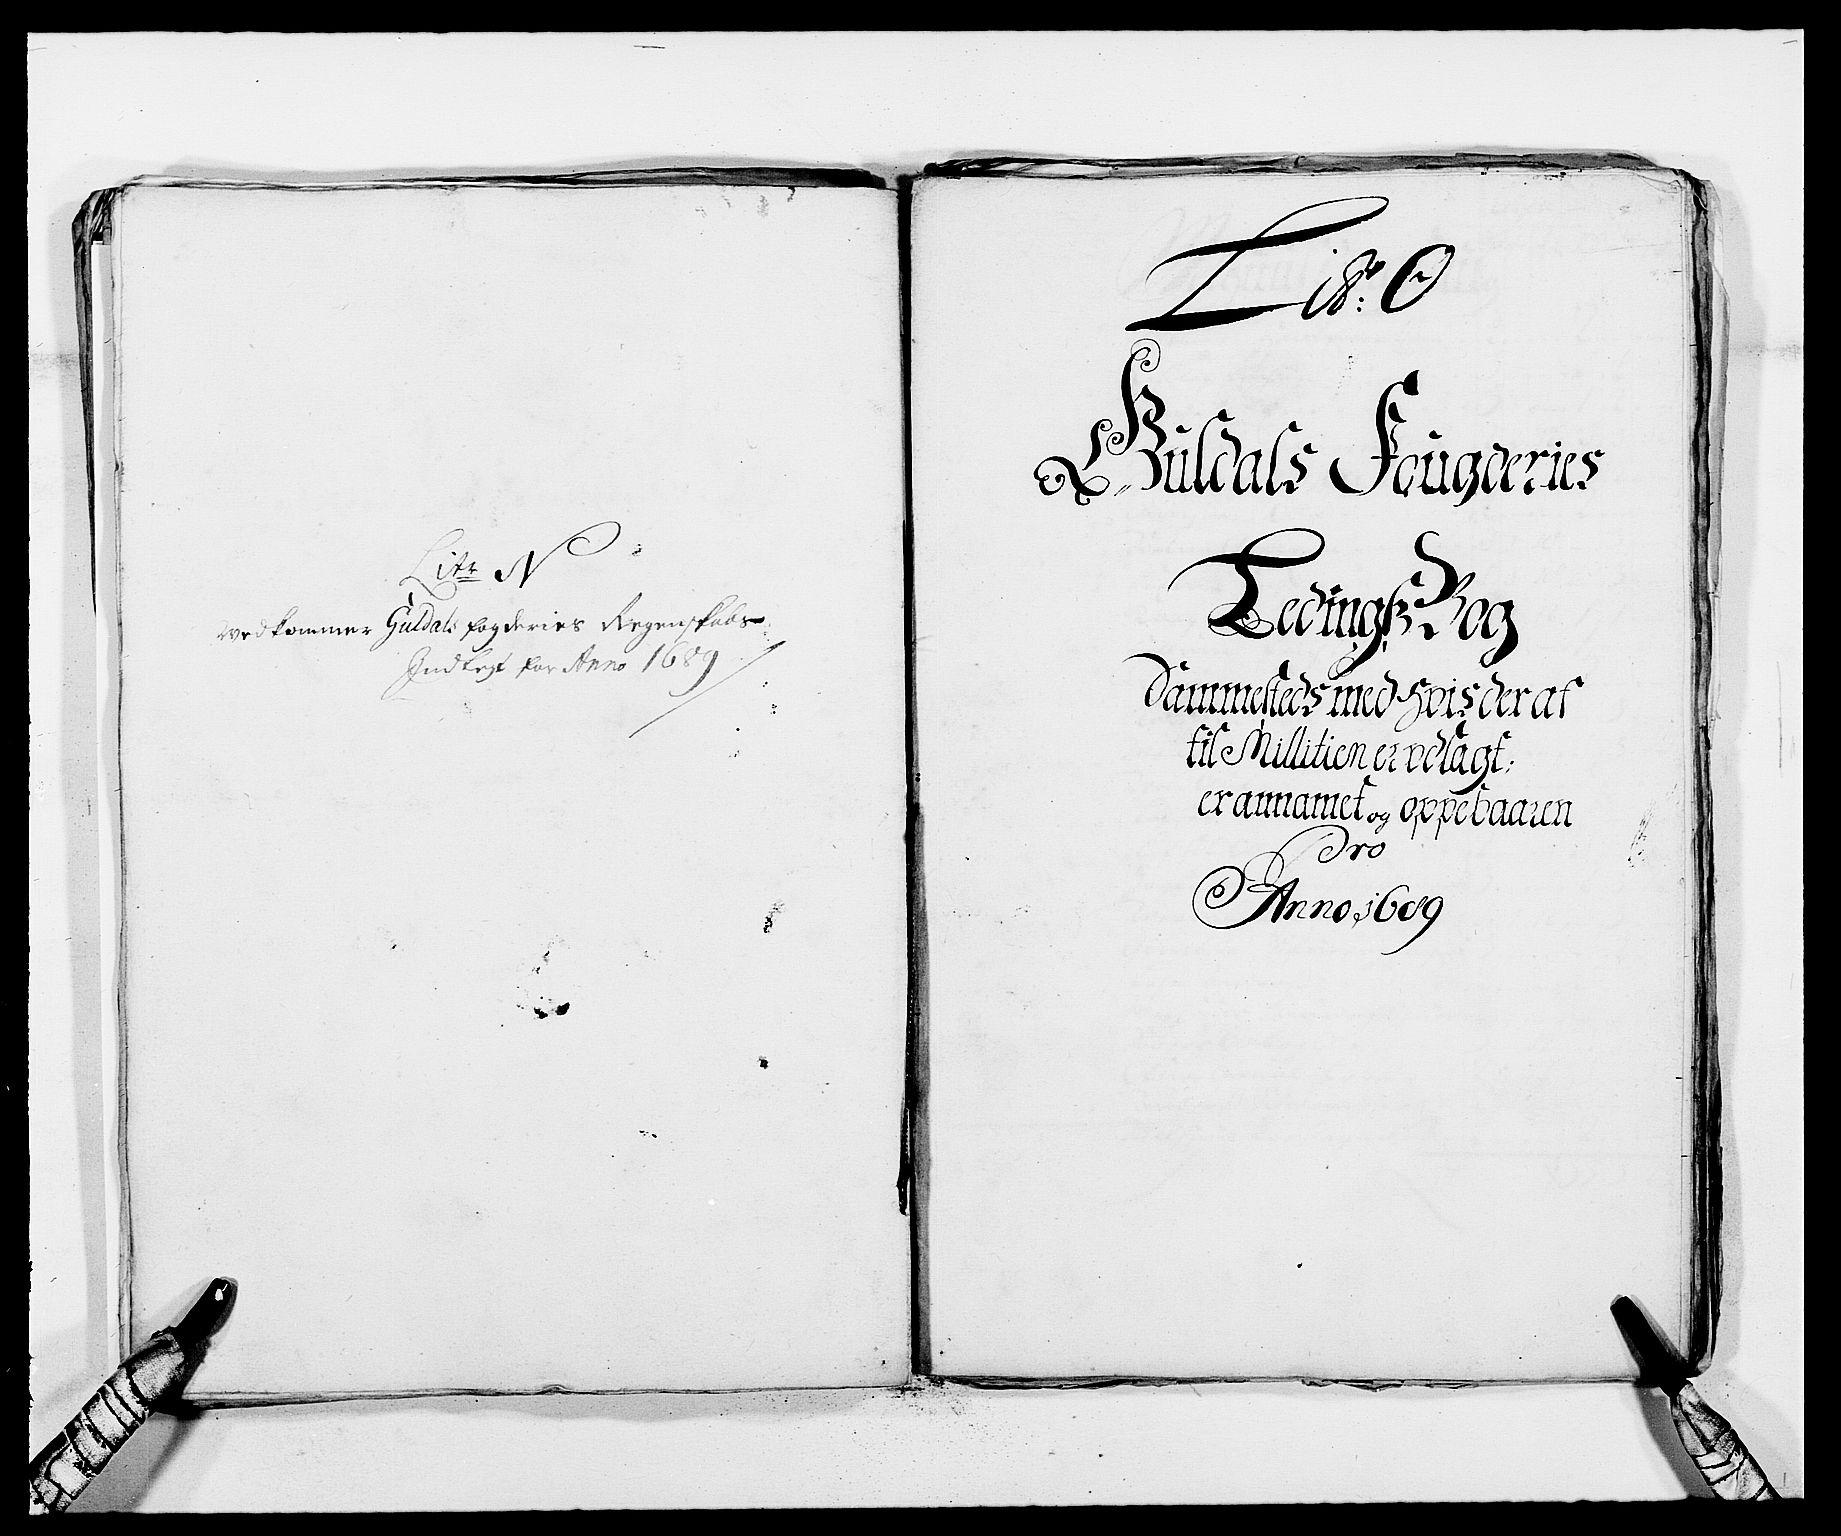 RA, Rentekammeret inntil 1814, Reviderte regnskaper, Fogderegnskap, R59/L3940: Fogderegnskap Gauldal, 1689-1690, s. 134